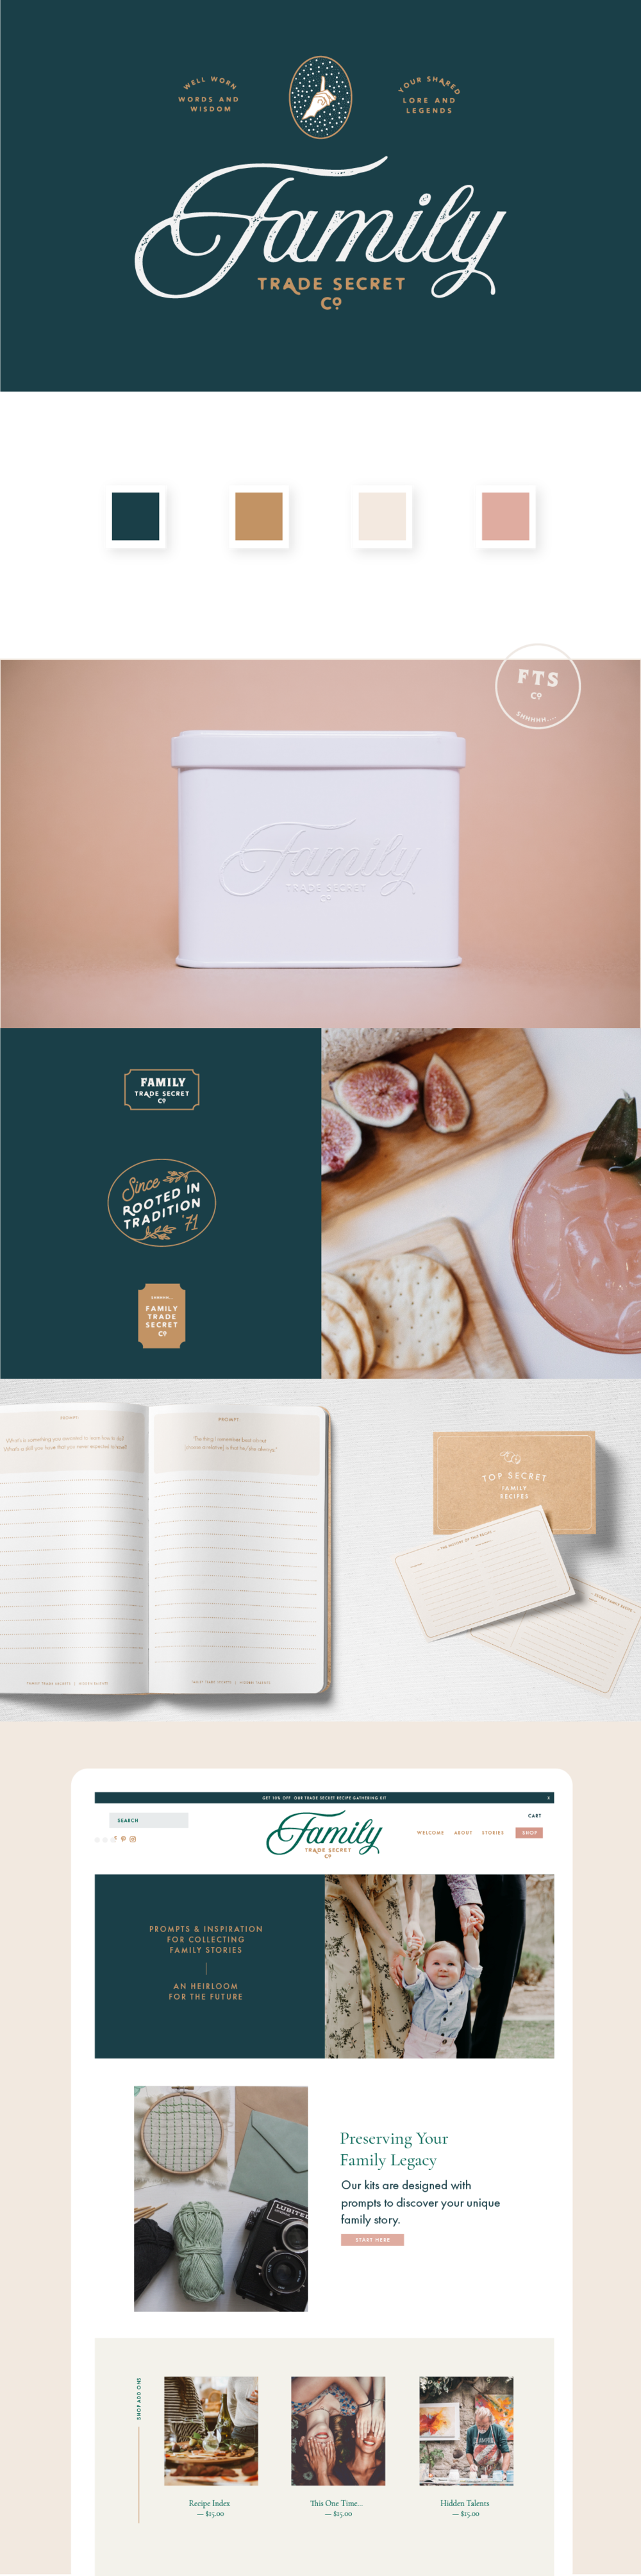 Family Trade Secret Branding, Website, and Print Design by Meghan Lambert